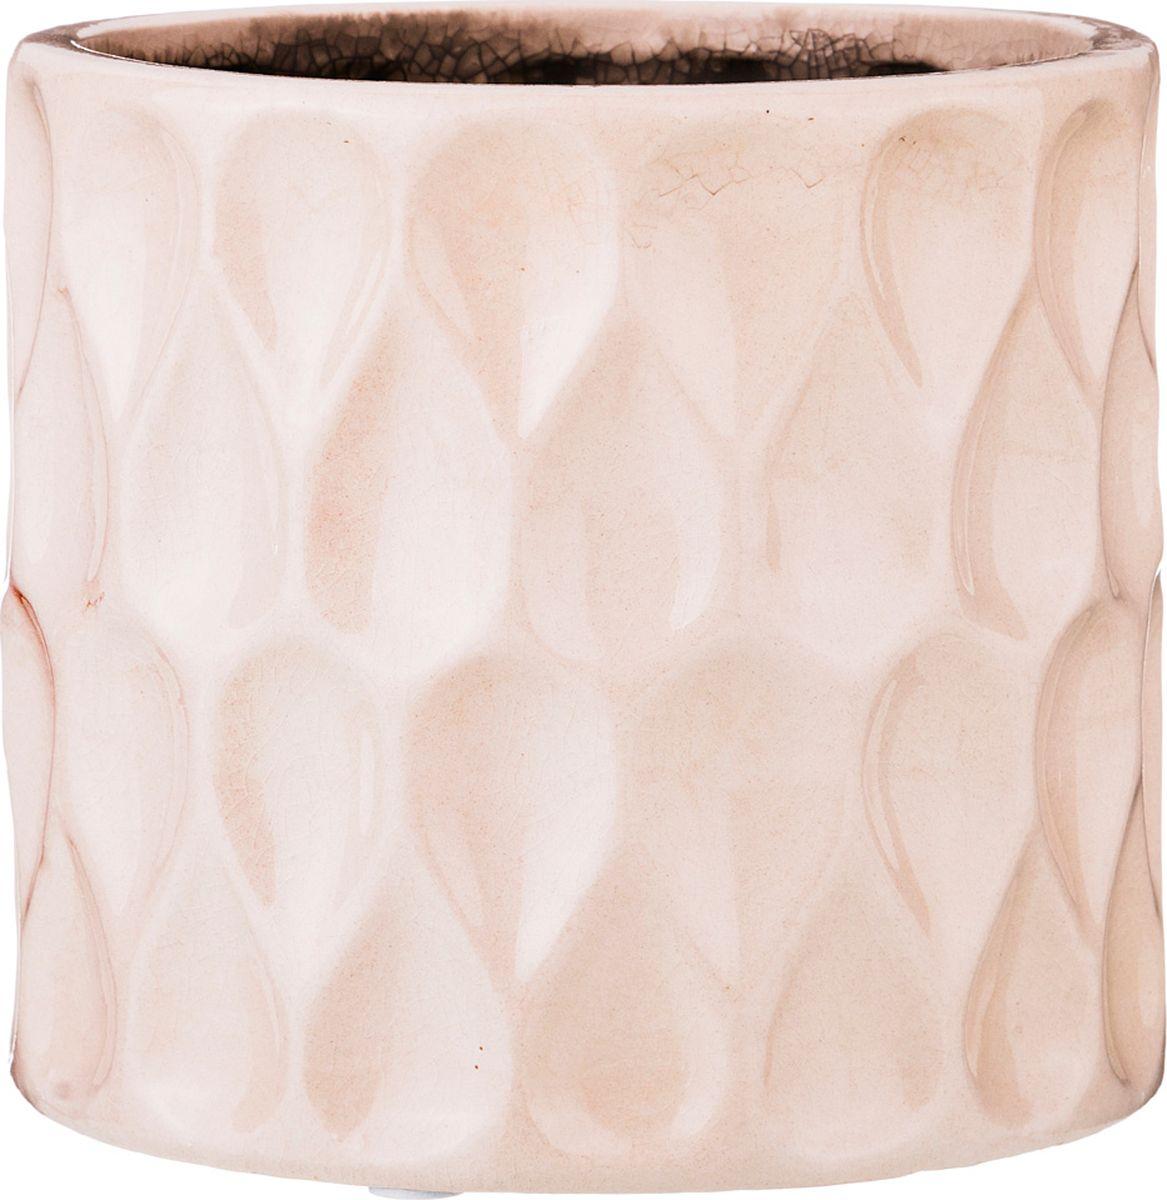 Кашпо Lefard, цвет: розовый, 14 х 14 х 13 см кашпо engard цвет желтый 12 5 х 10 х 13 см